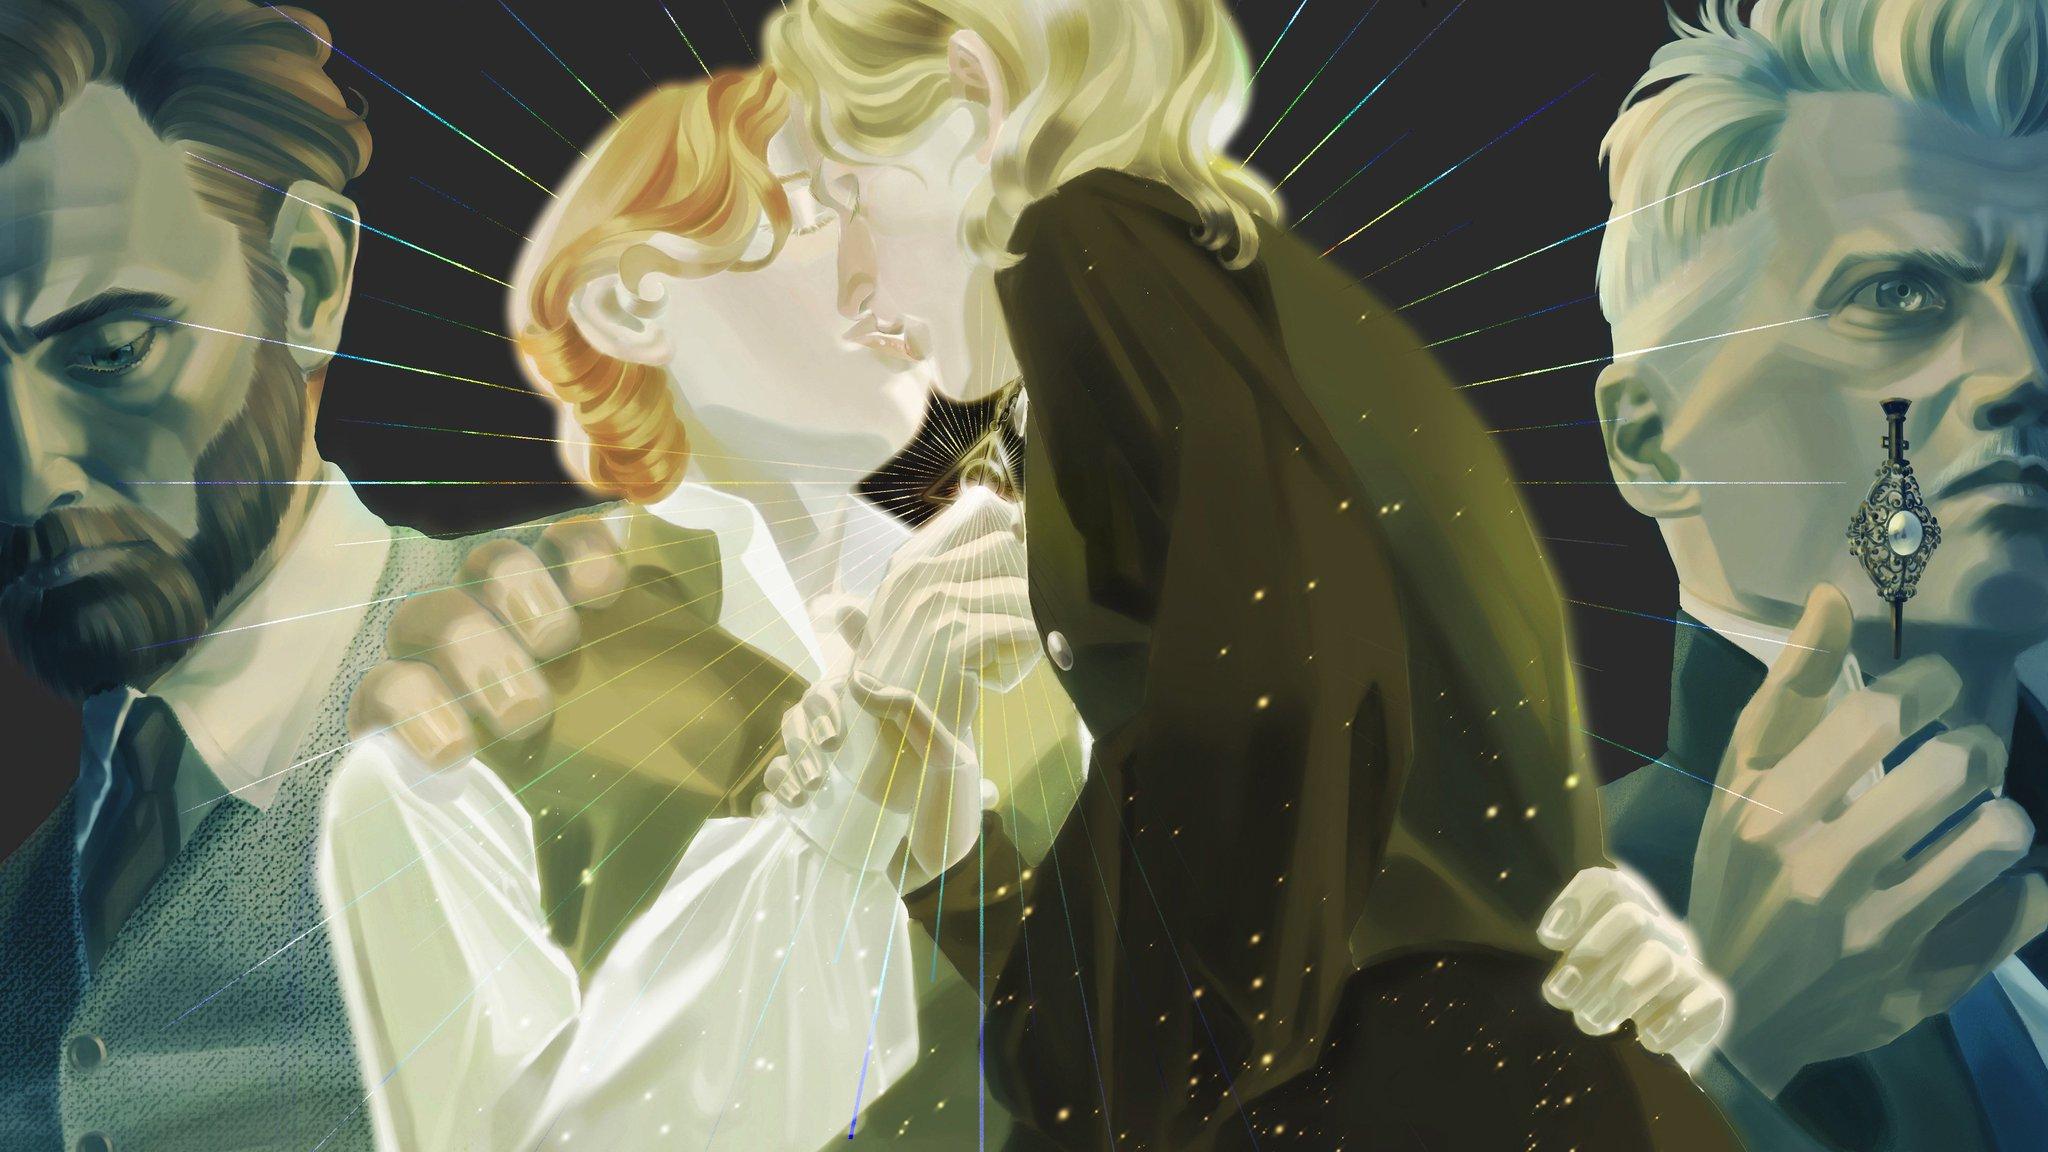 Интимная Сцена С Эмбер Хёрд – Аддеролловые Дневники (2020)